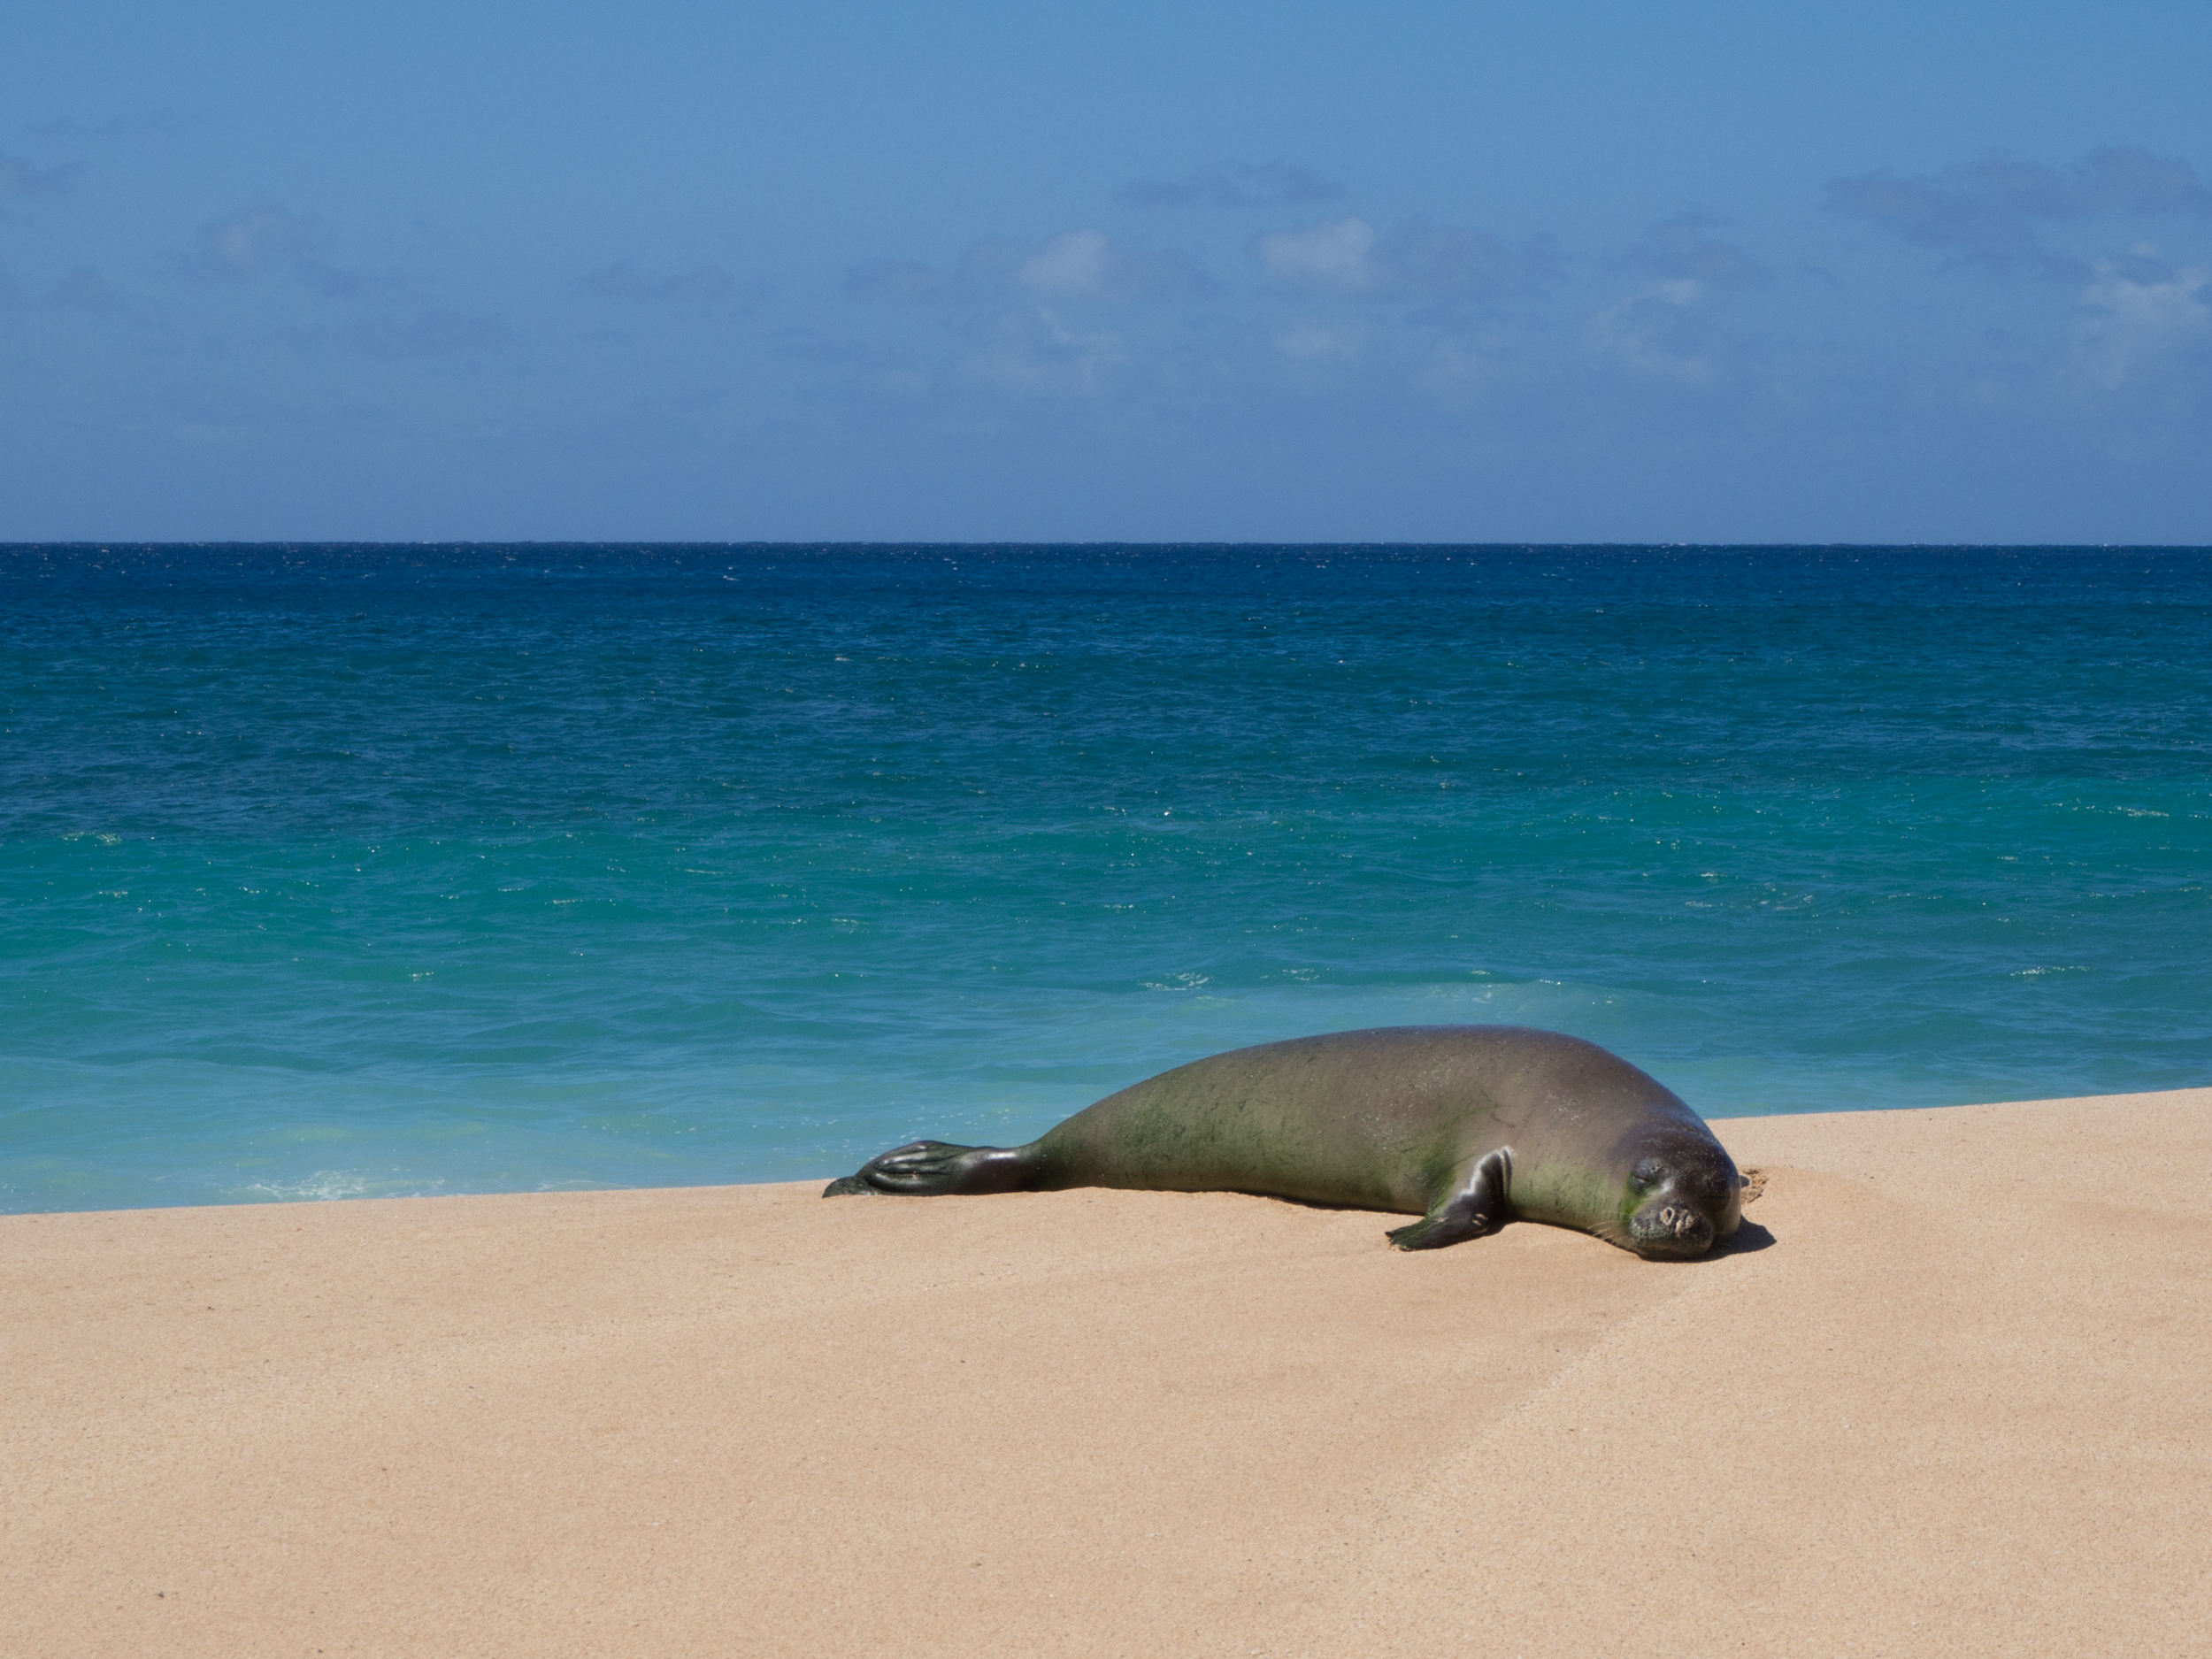 hawaiian_monk_seal_leila_chieko.jpg